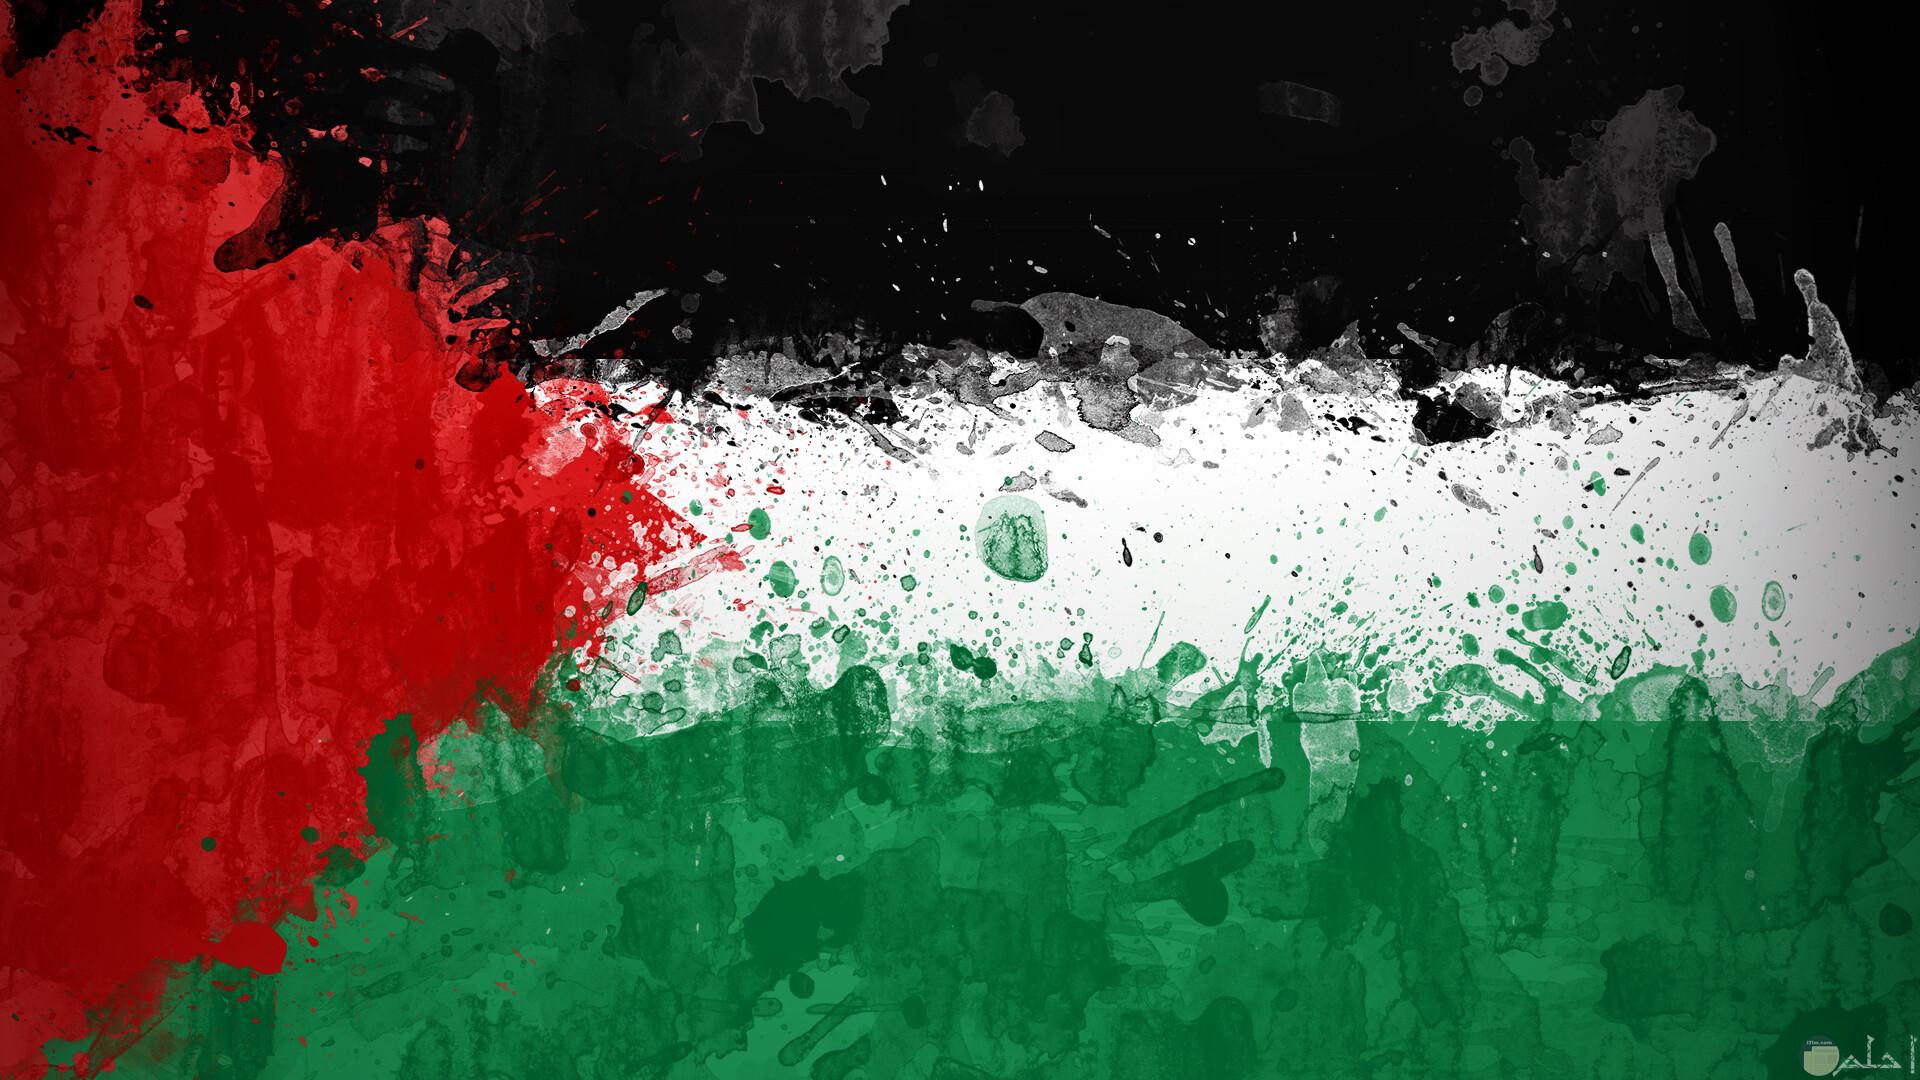 صورة مرسومة وملونه بطريقة جميلة لعلم فلسطين